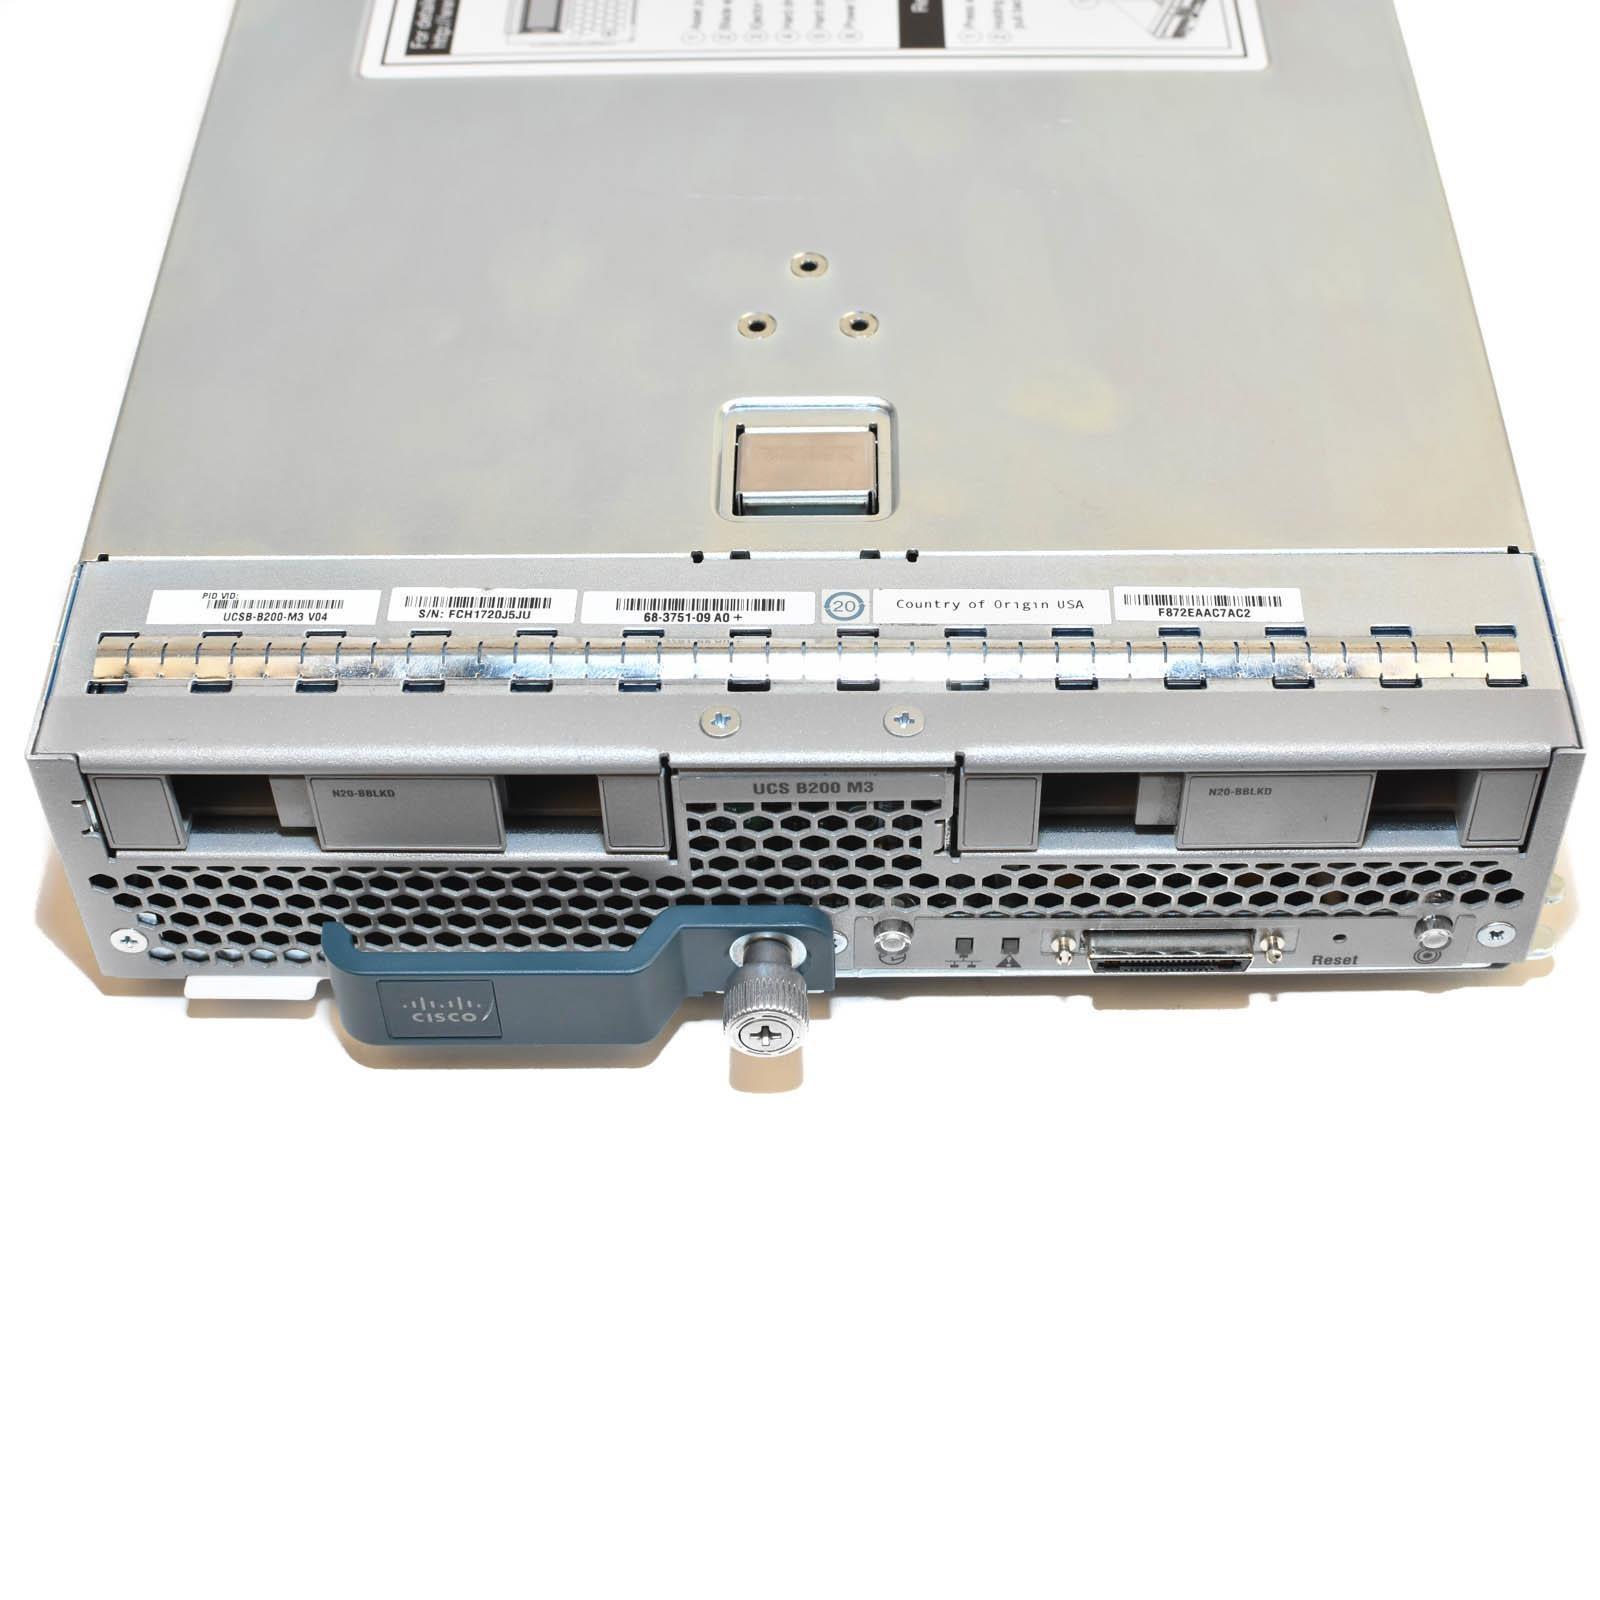 Cisco UCSB-B200-M3 Blade Server - Barebones (No CPU, RAM, or